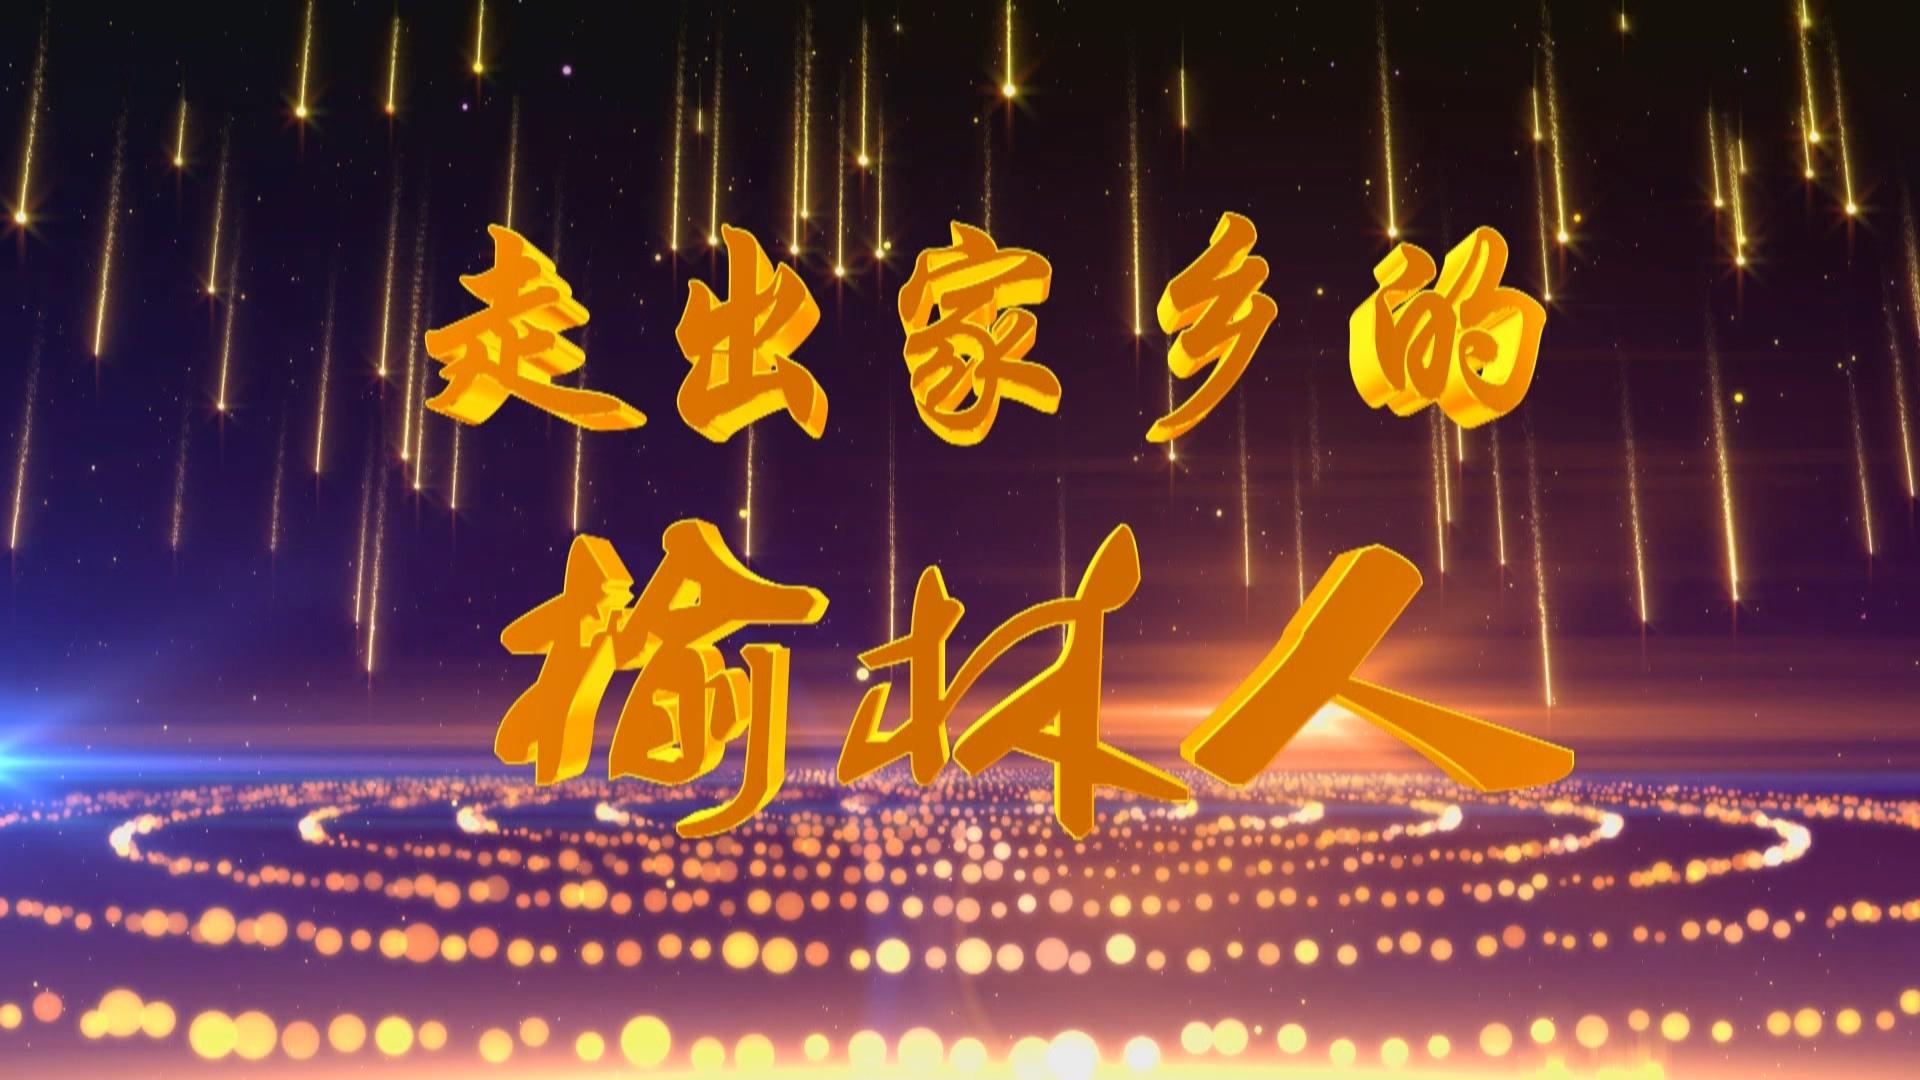 【走出家鄉的榆林人】心內科專家——王占成  2018-12-24